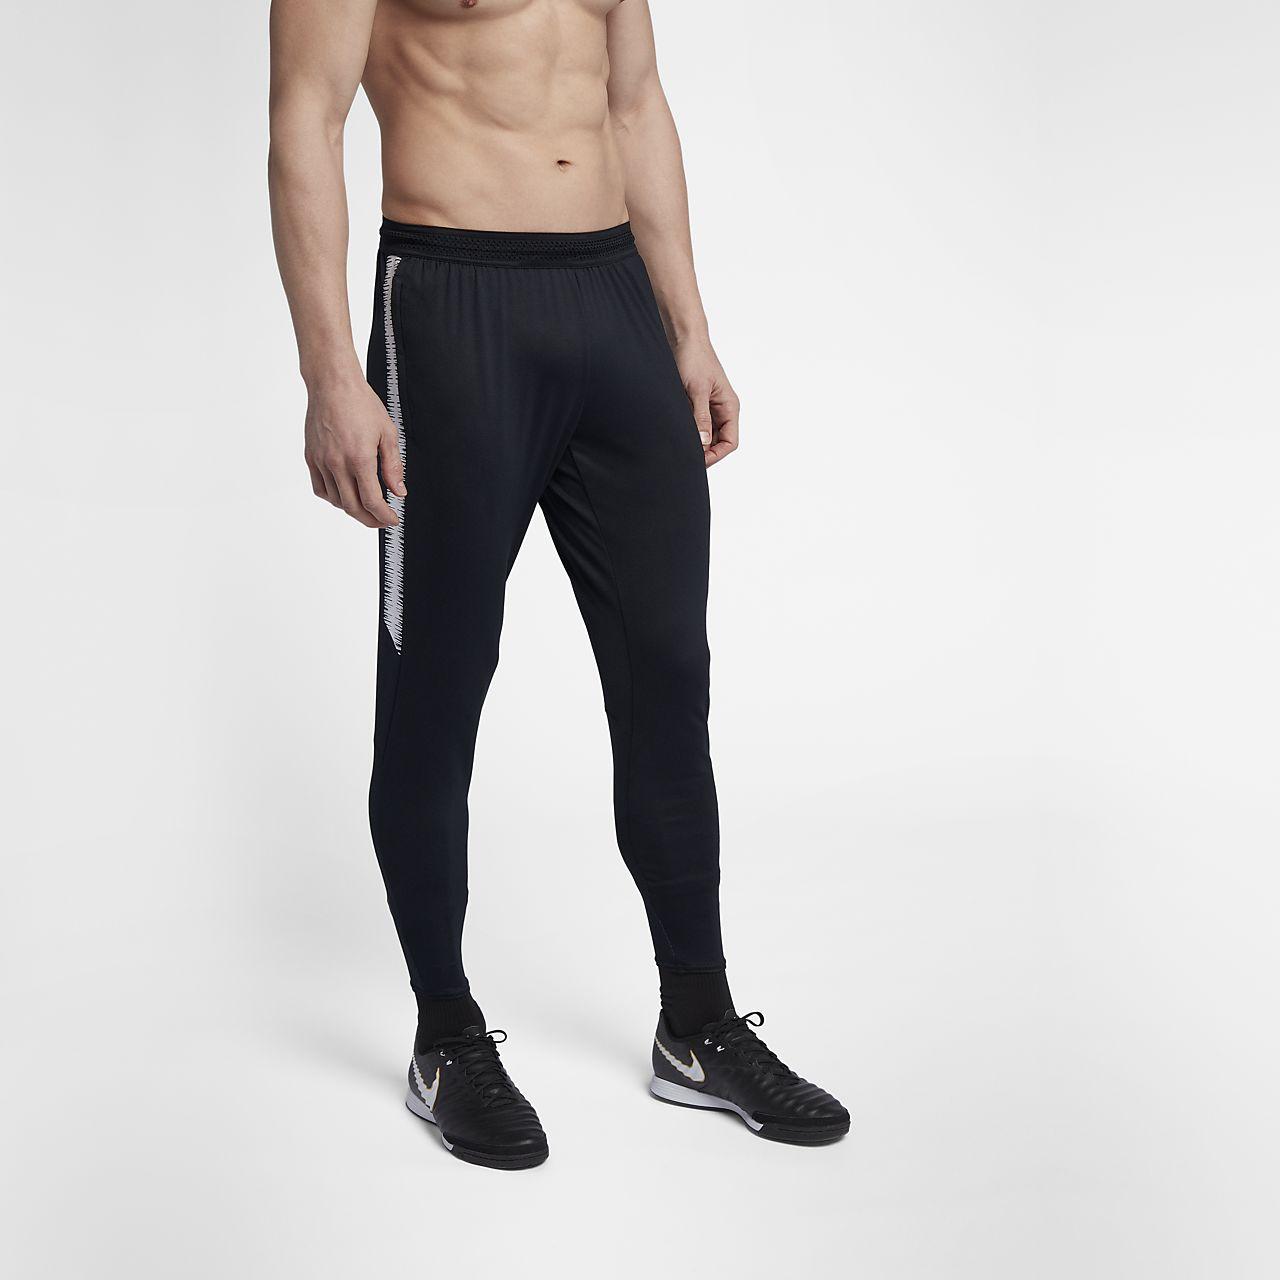 435e09008623c Nike Flex Strike Pantalón de fútbol - Hombre. Nike.com ES